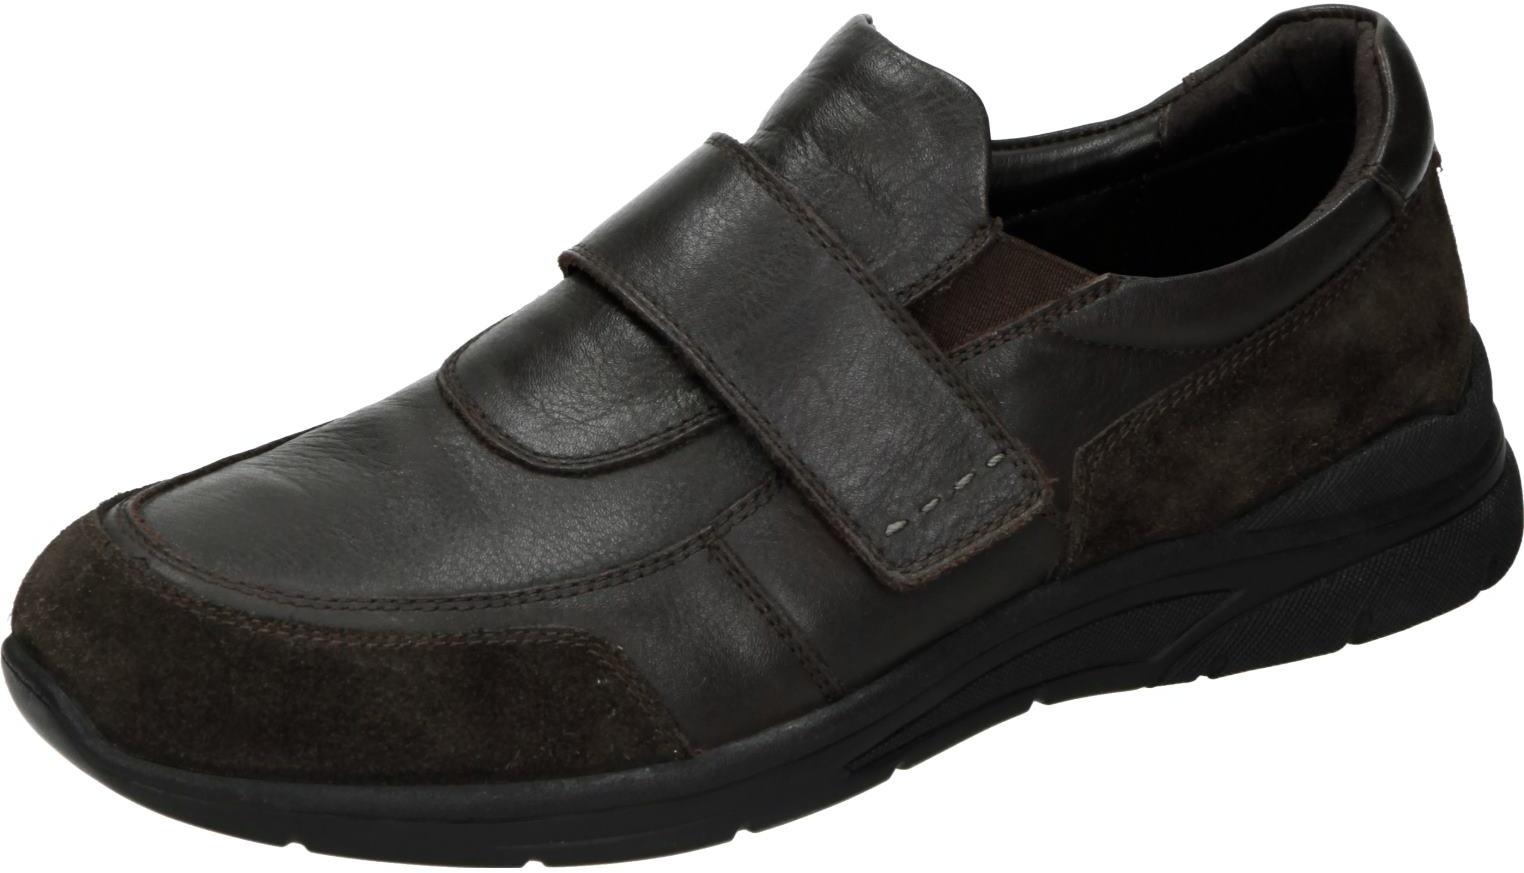 Comfortabel Herren Schuhe Herren-Slipper braun Leder 630691  | Ausgezeichnete Qualität  | Online Outlet Store  | Erlesene Materialien